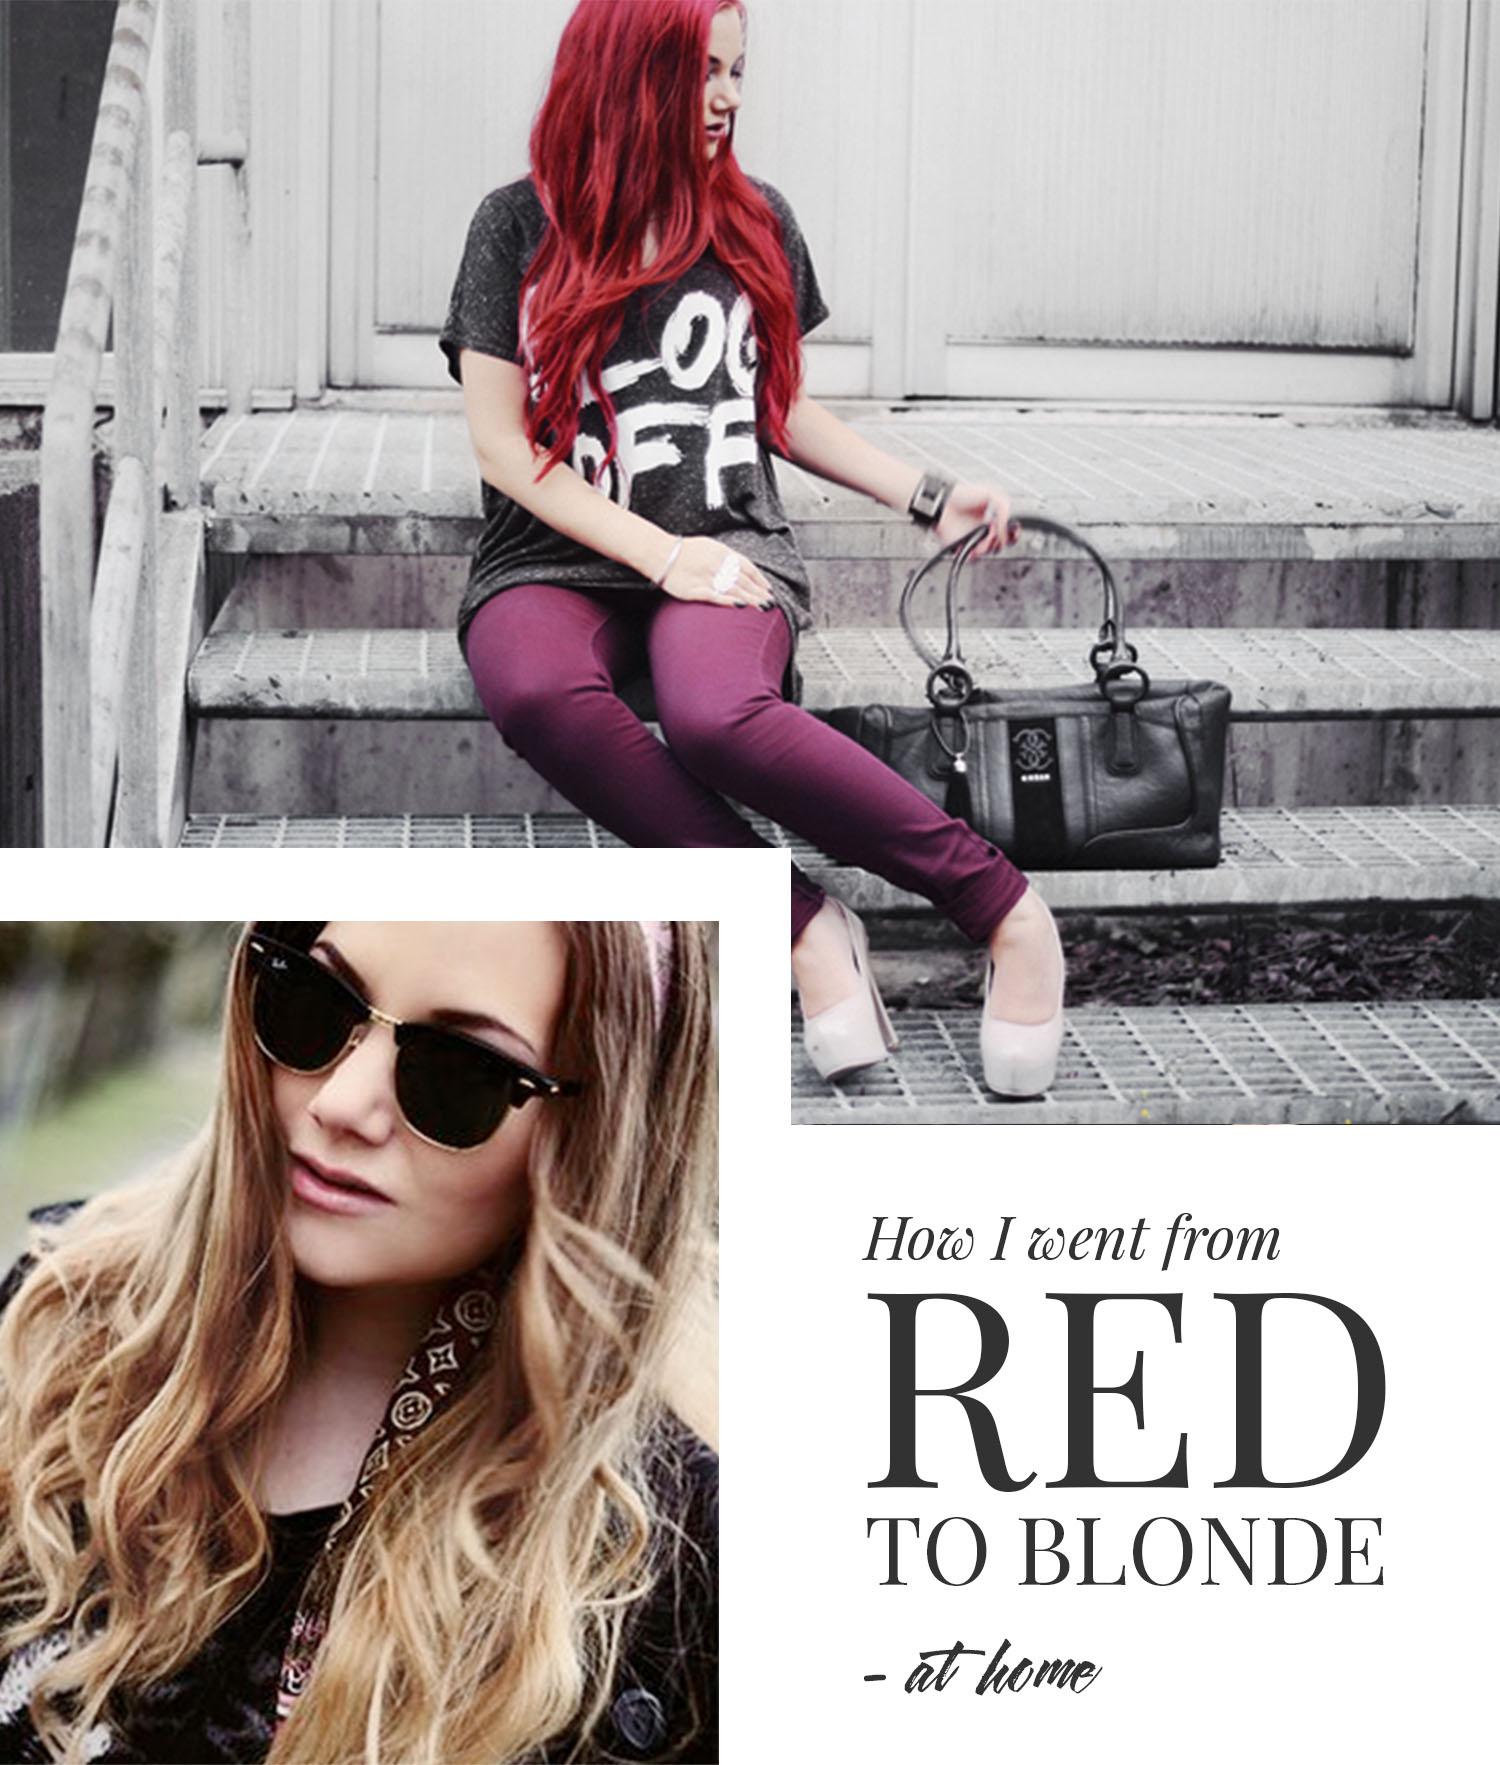 How I went from red to blonde hair at home - Från rött till blont hår hemma